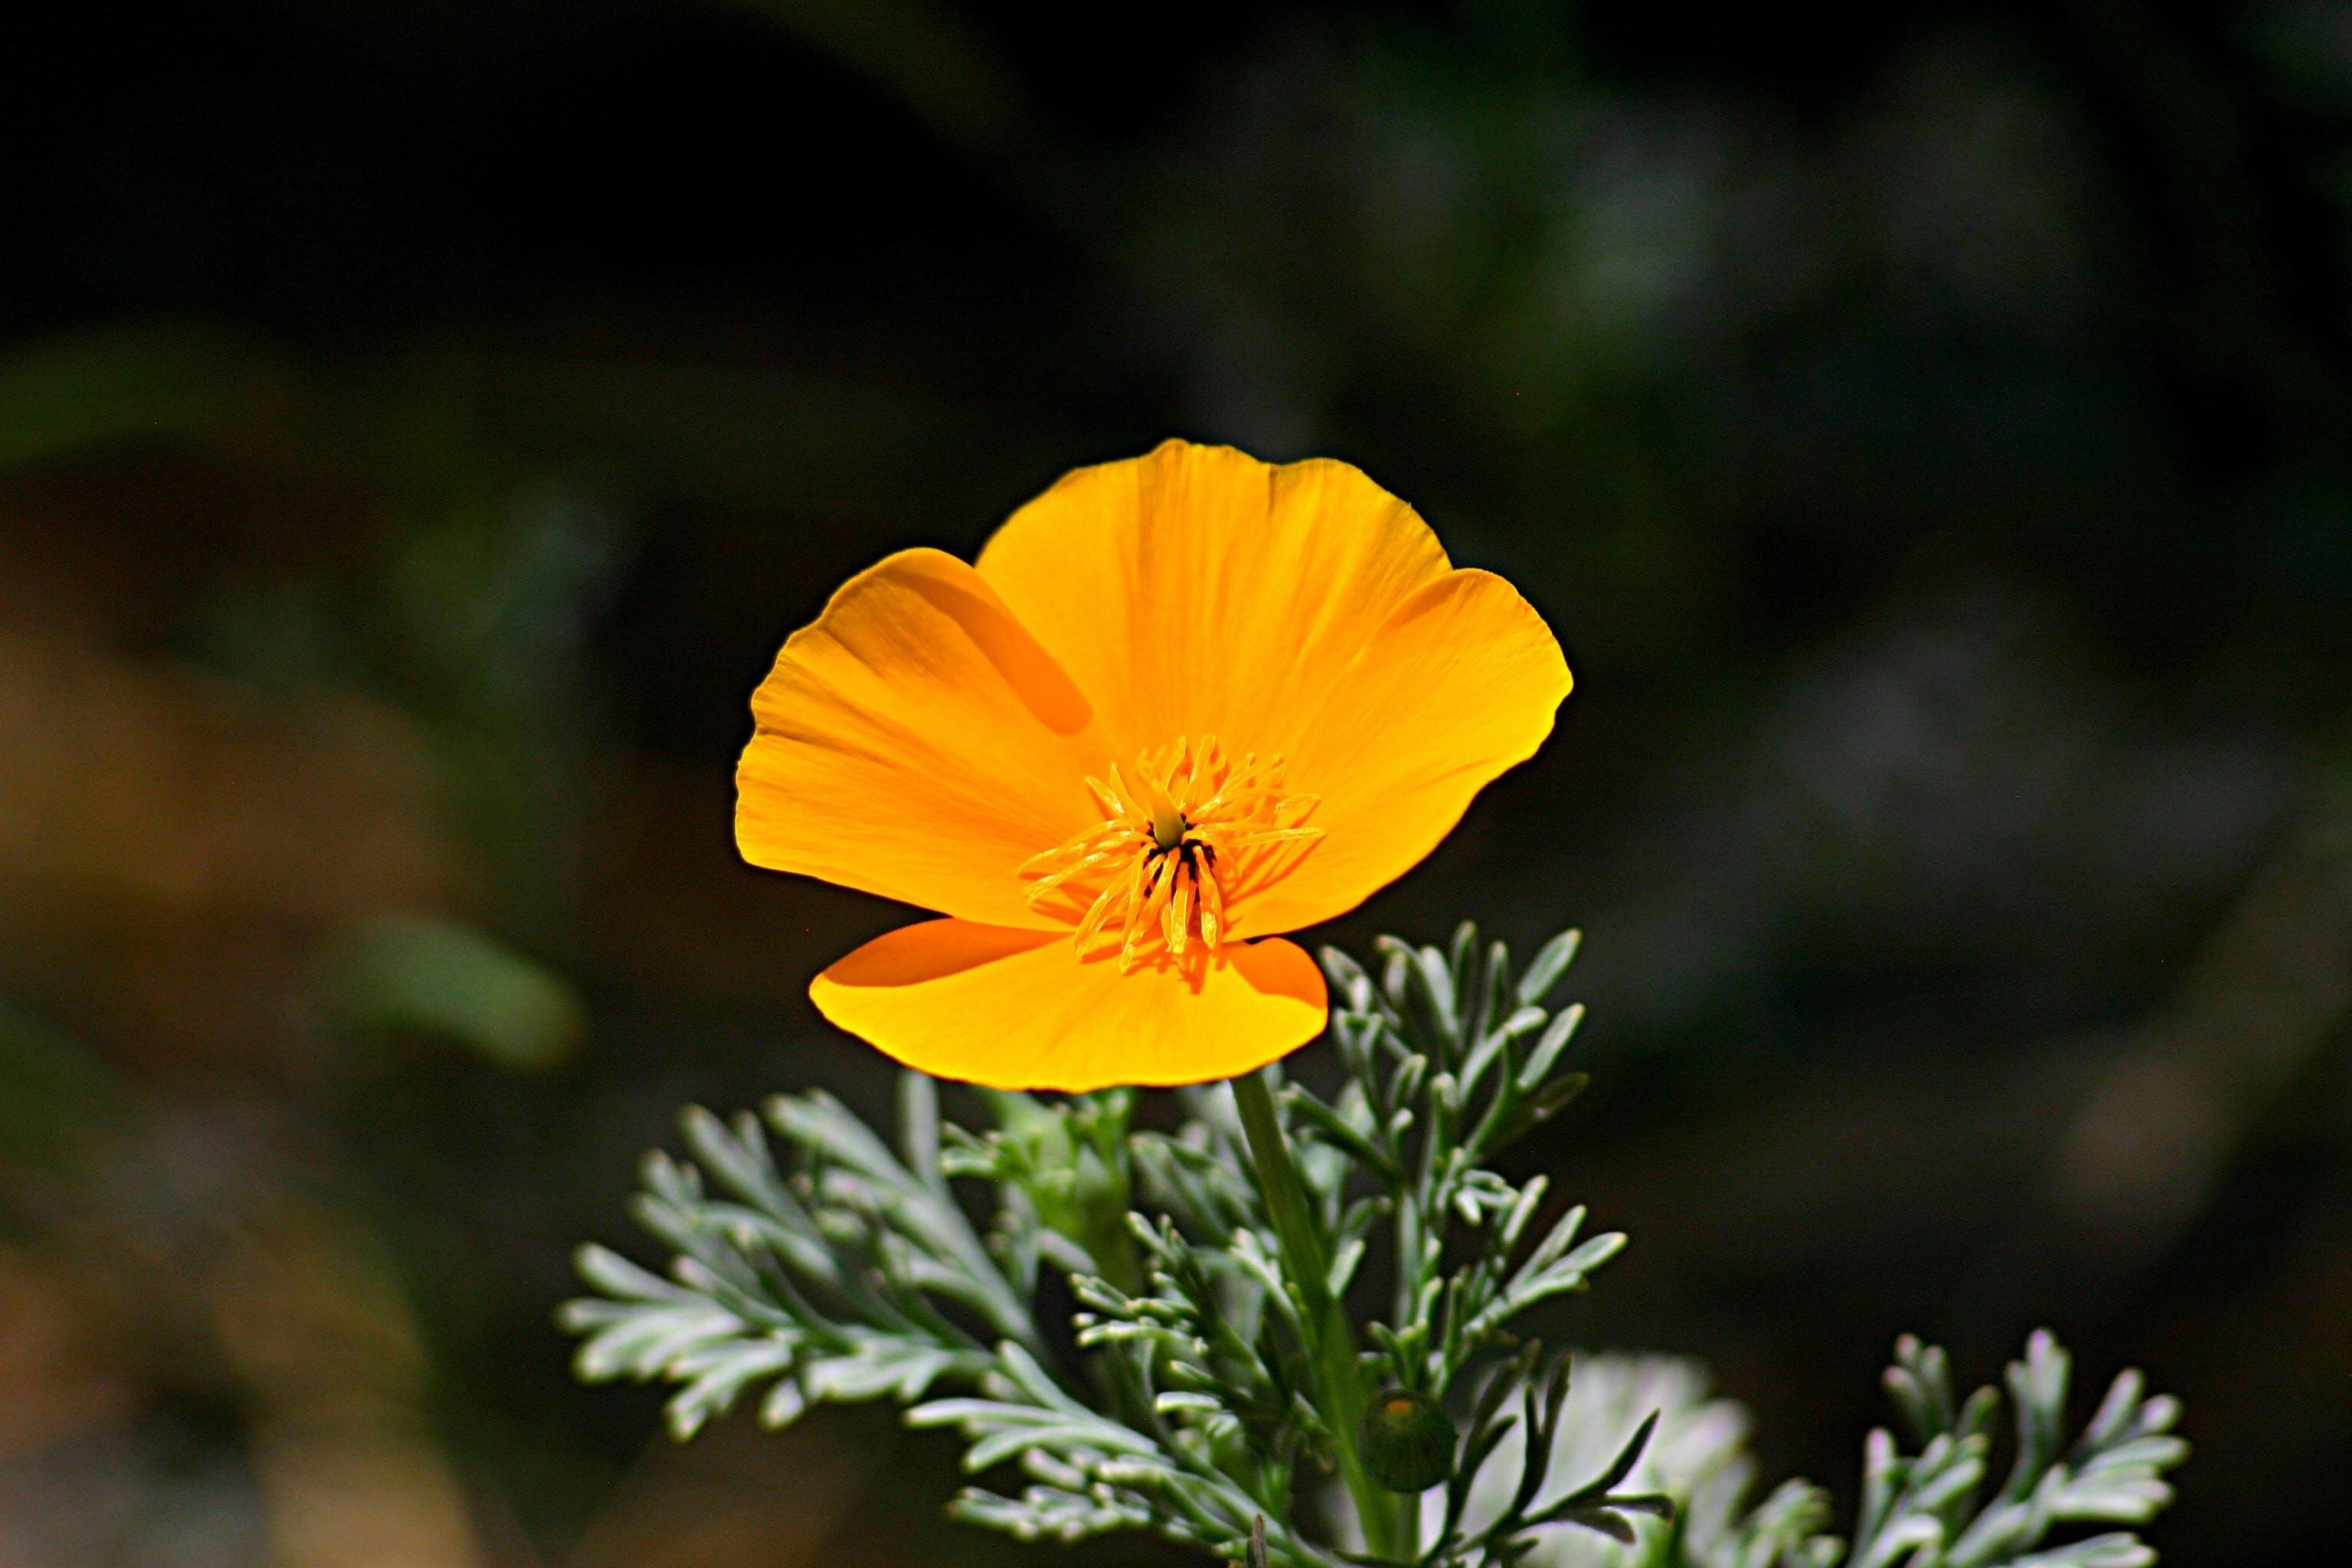 ayrıntı, Bahçe, bitki örtüsü, büyümek içeren Ücretsiz stok fotoğraf